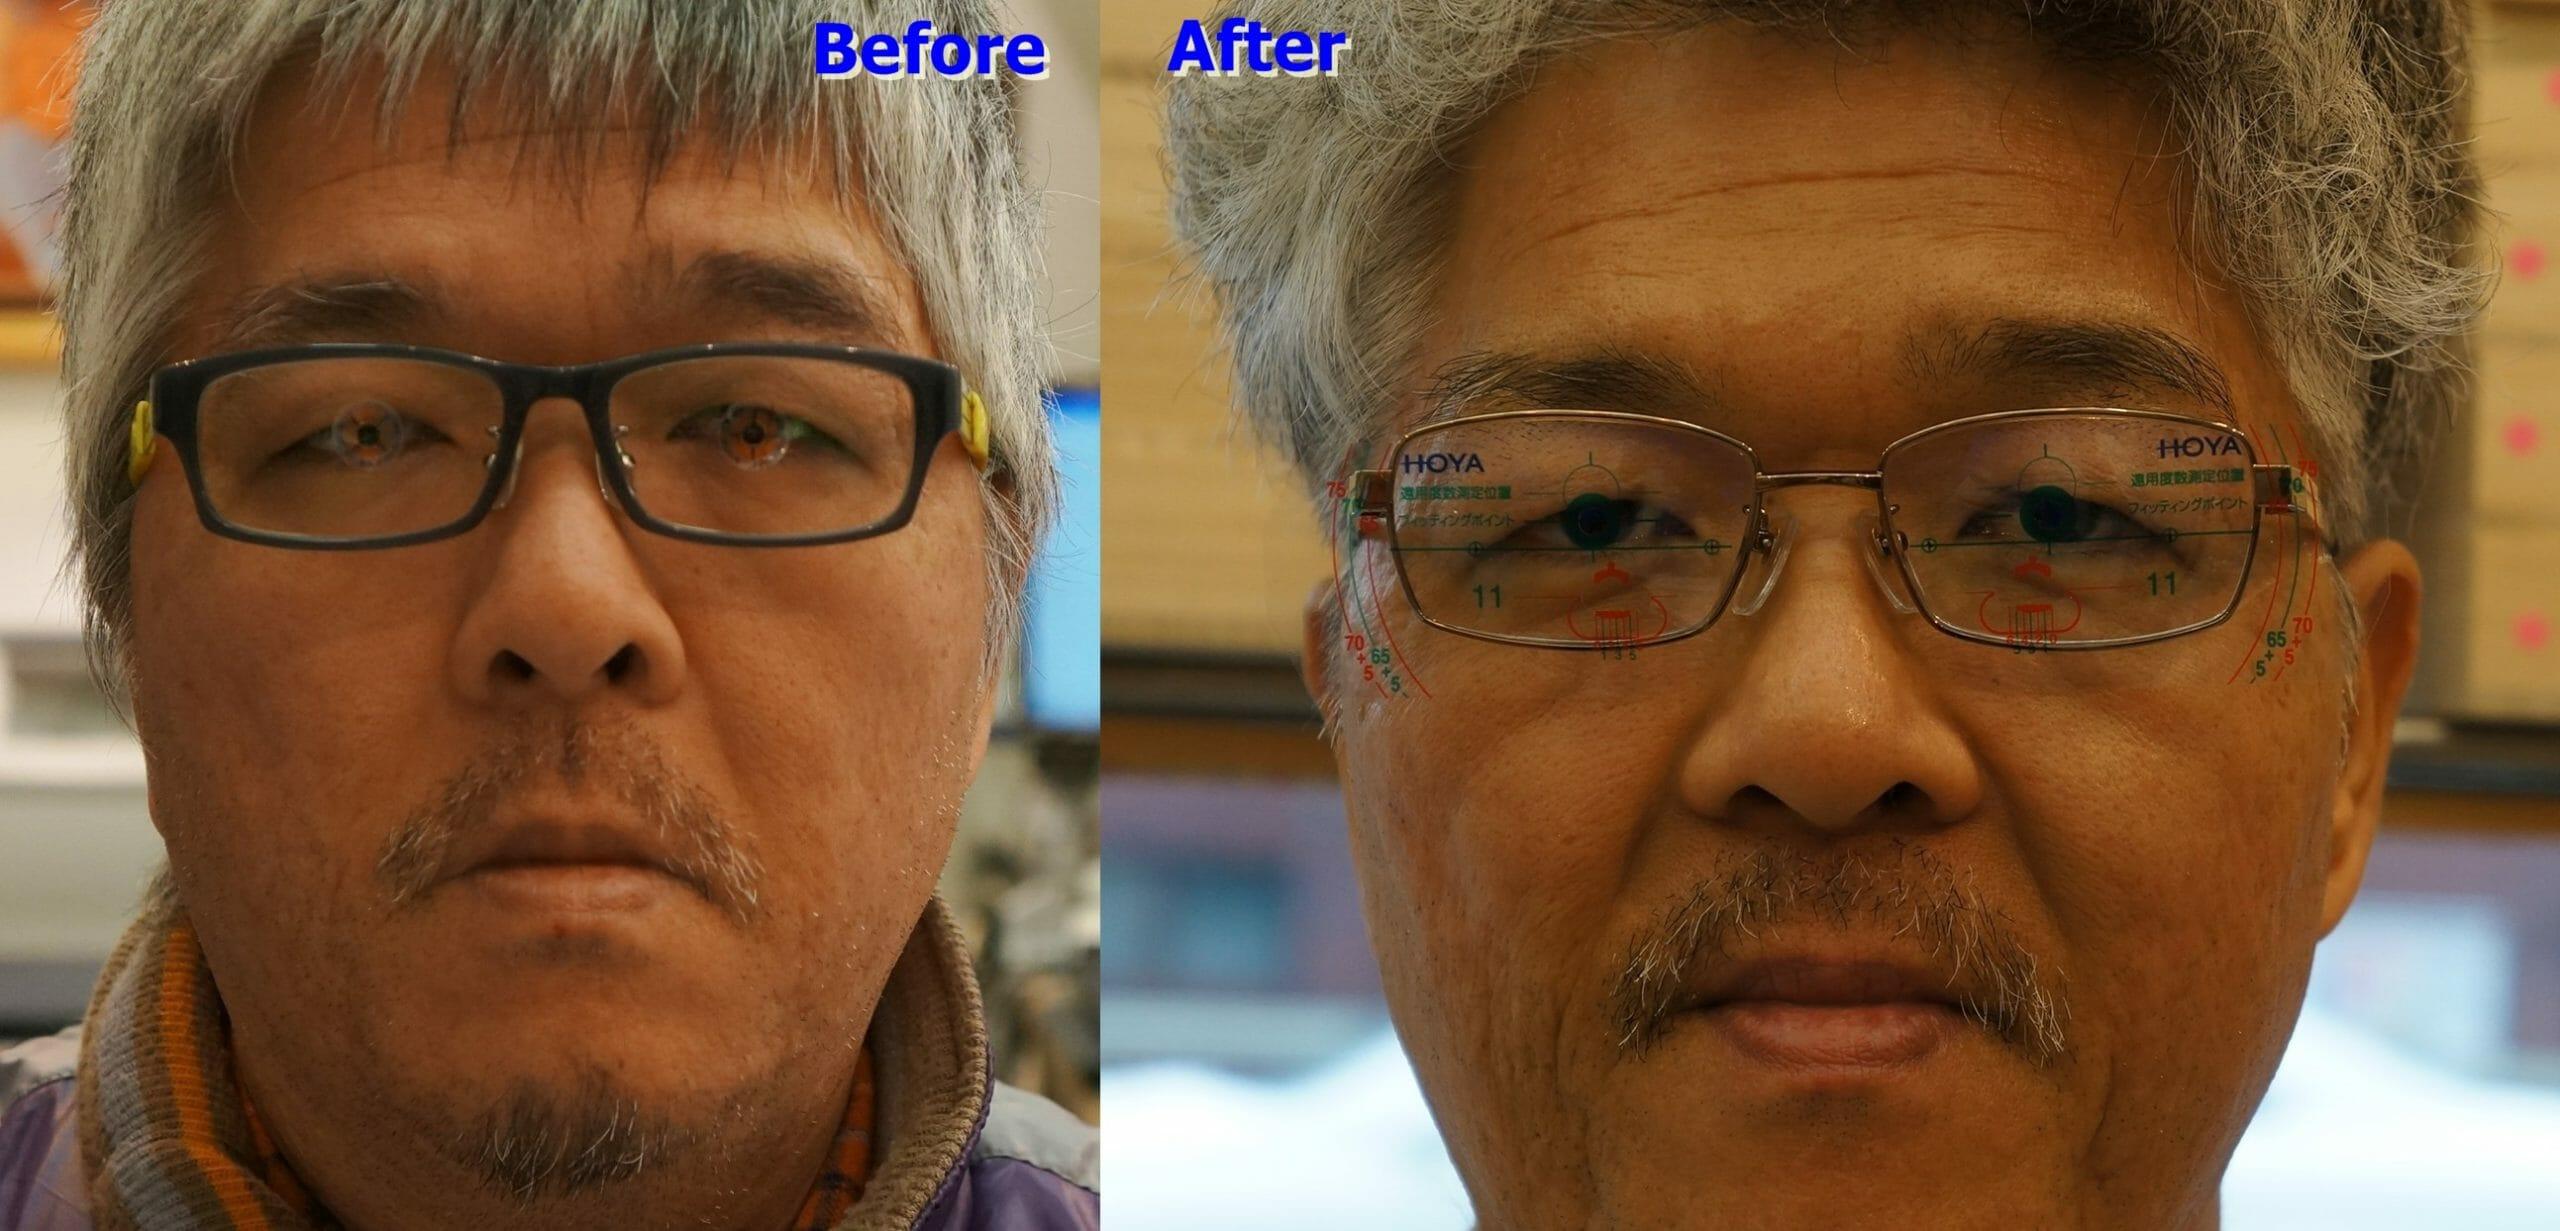 表情の変化 Before & After